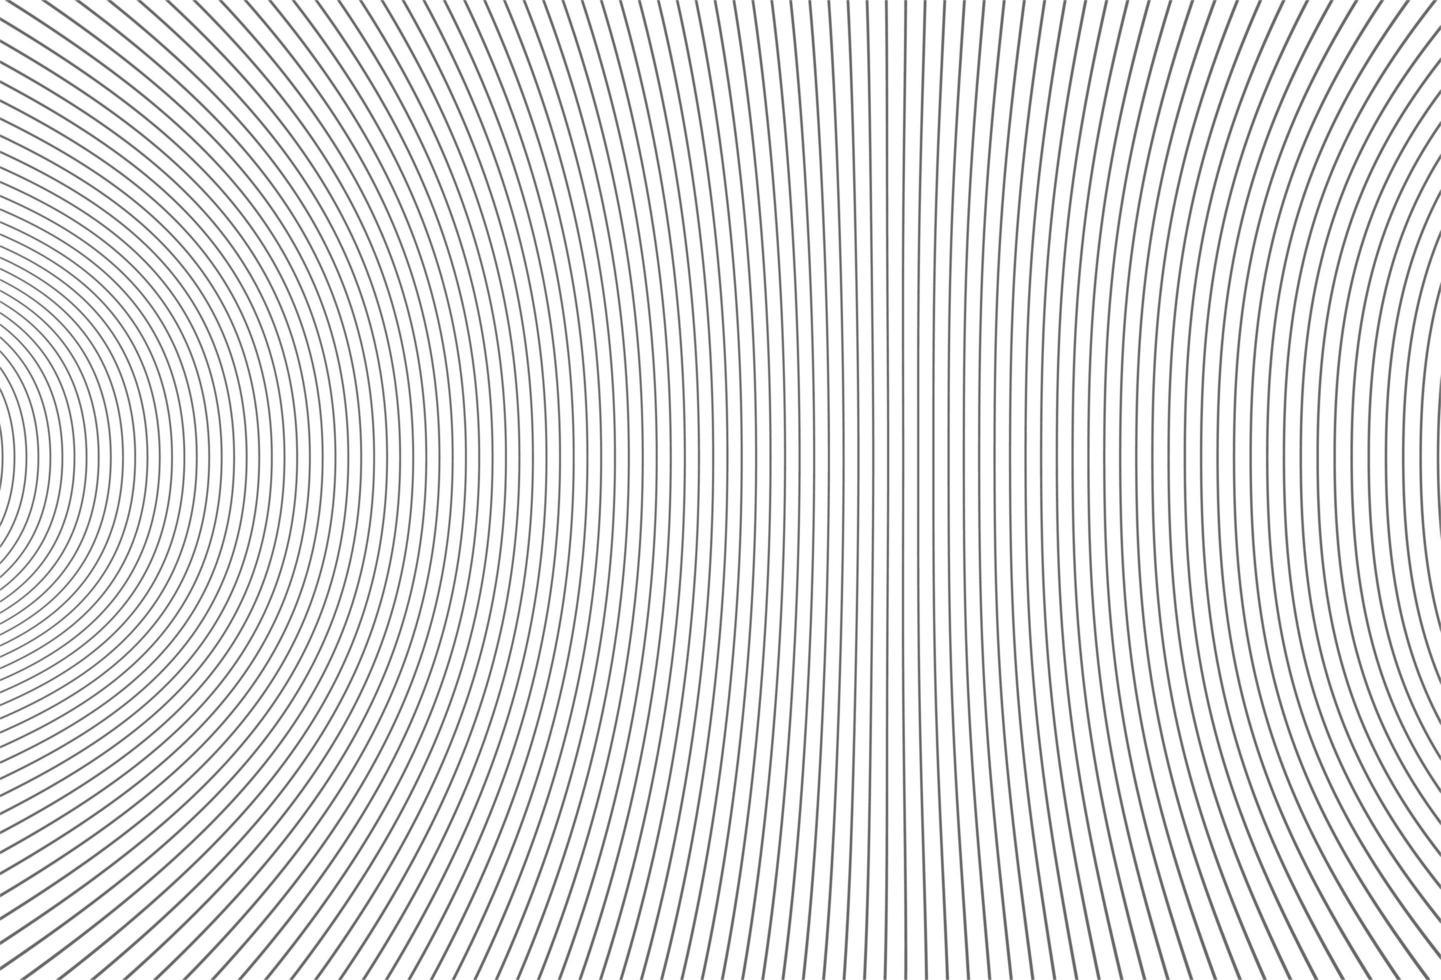 Fondo de líneas deformadas gris moderno vector